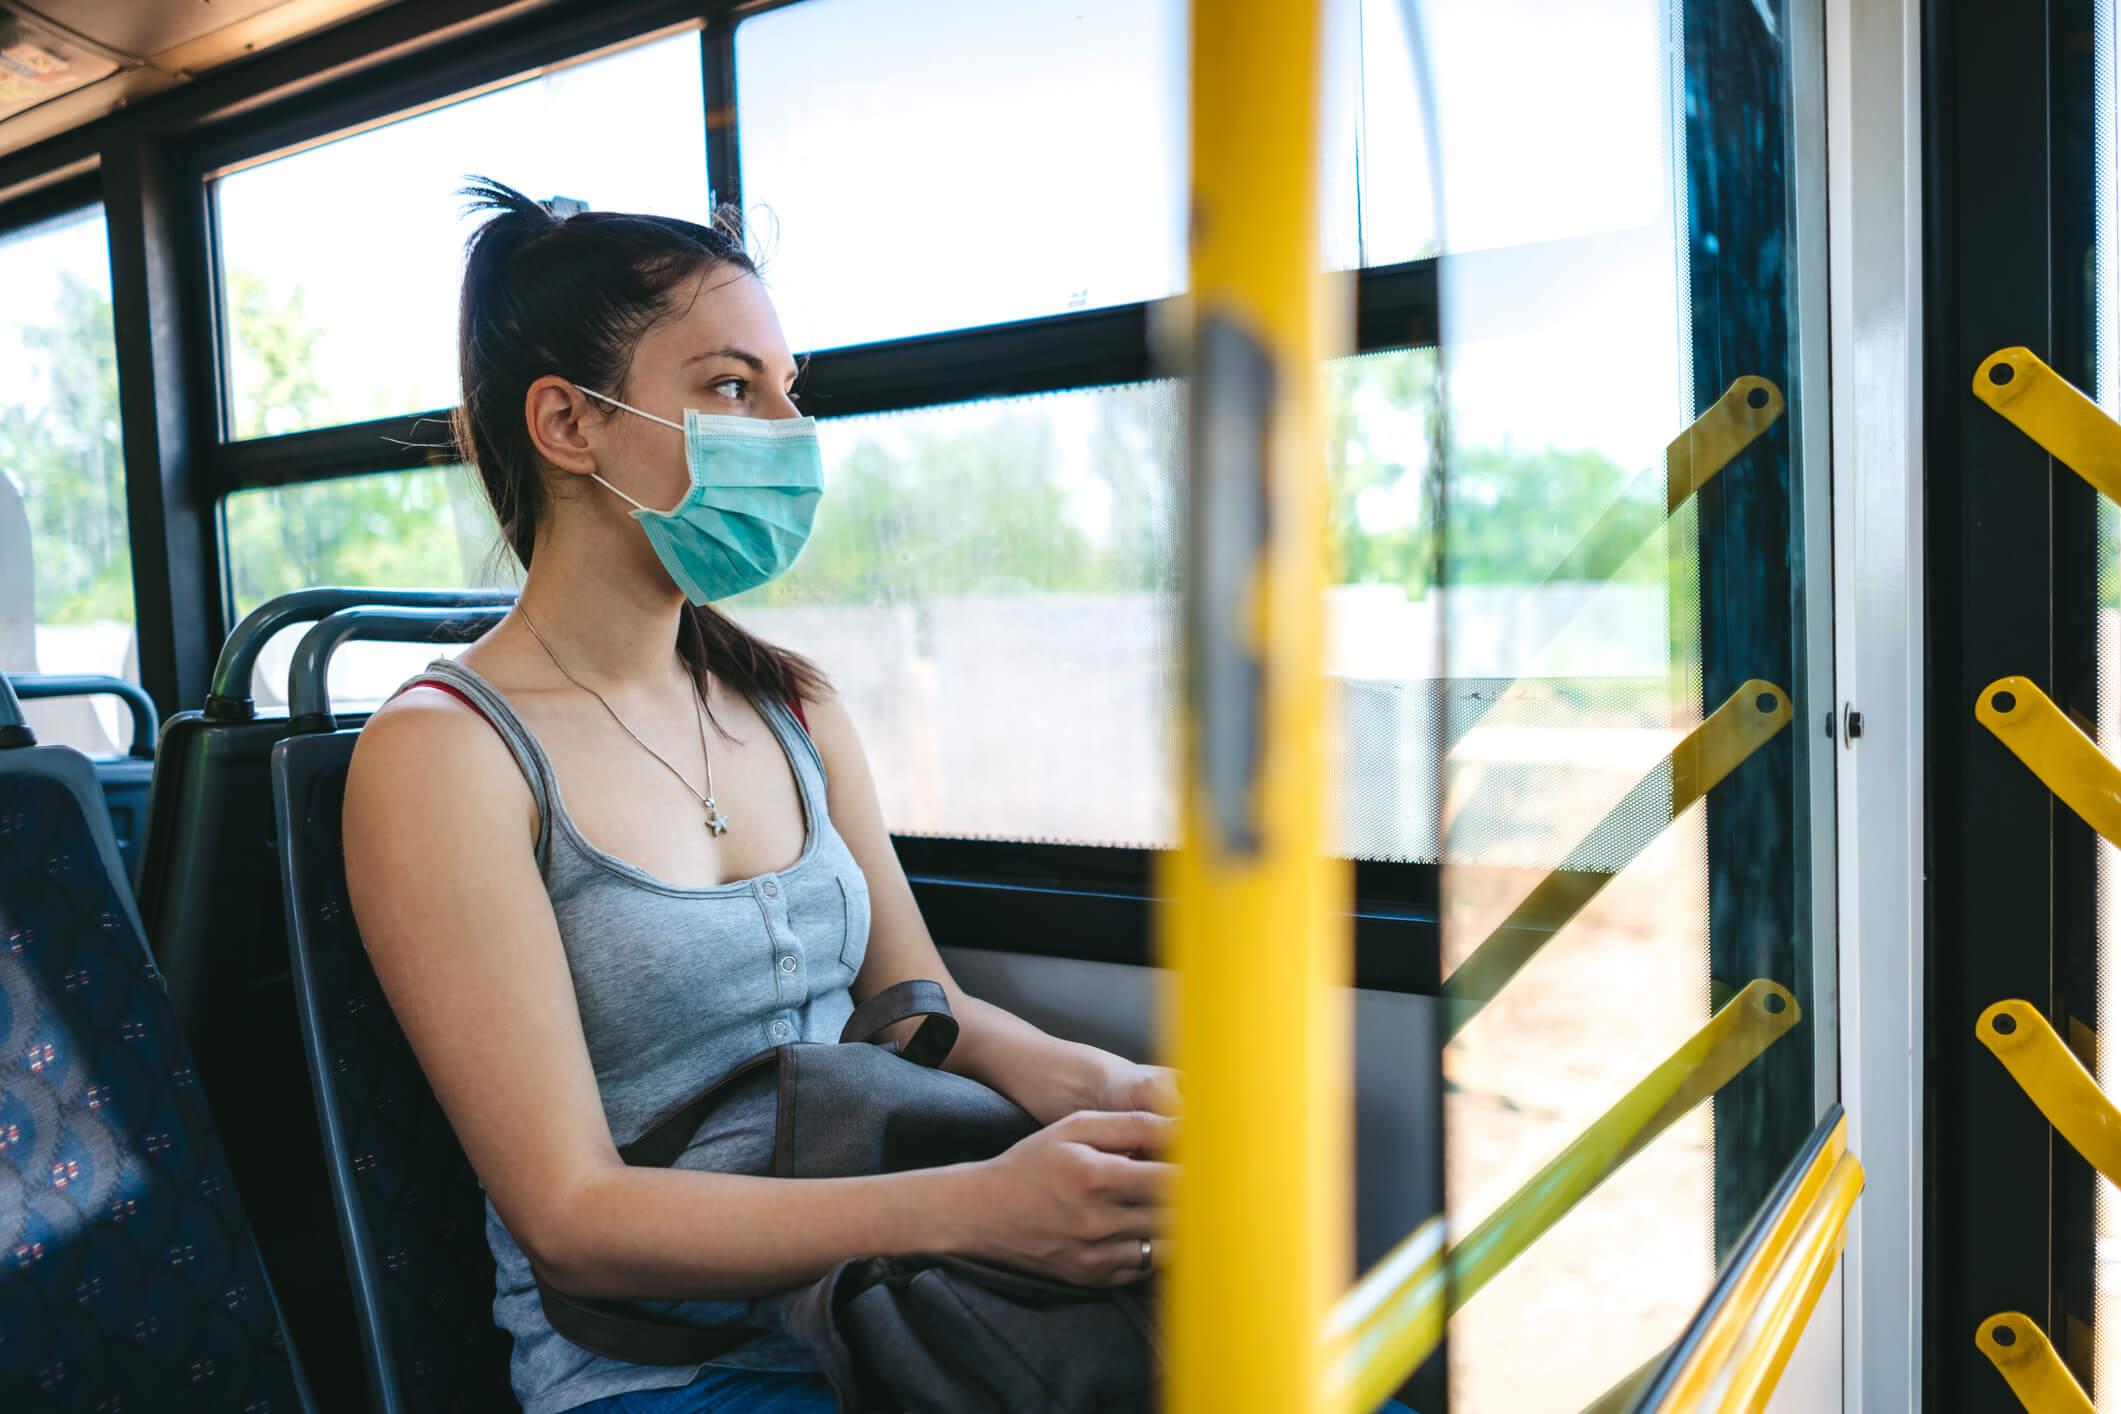 Mujer con mascarilla en transporte público